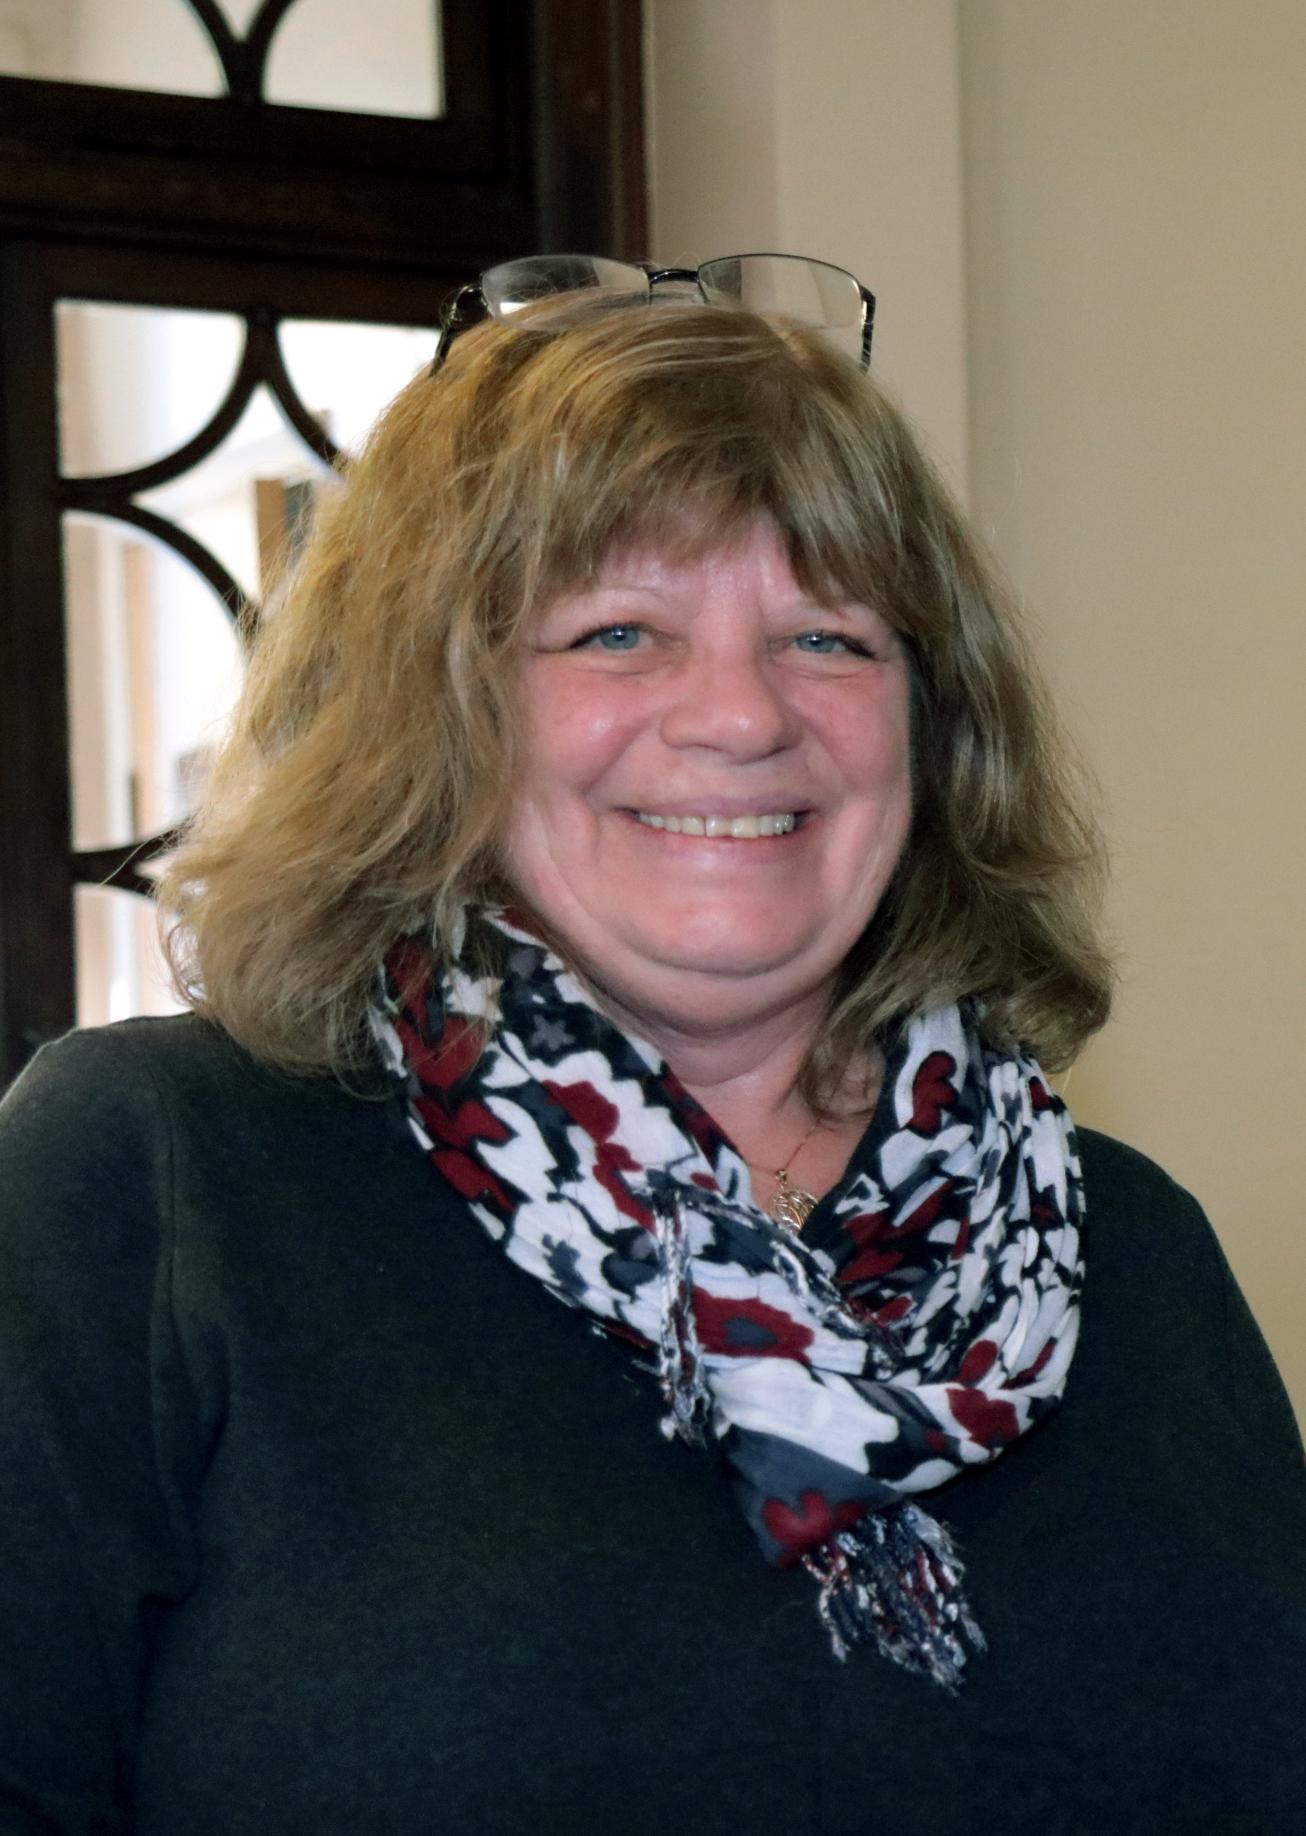 Debbie Séguin